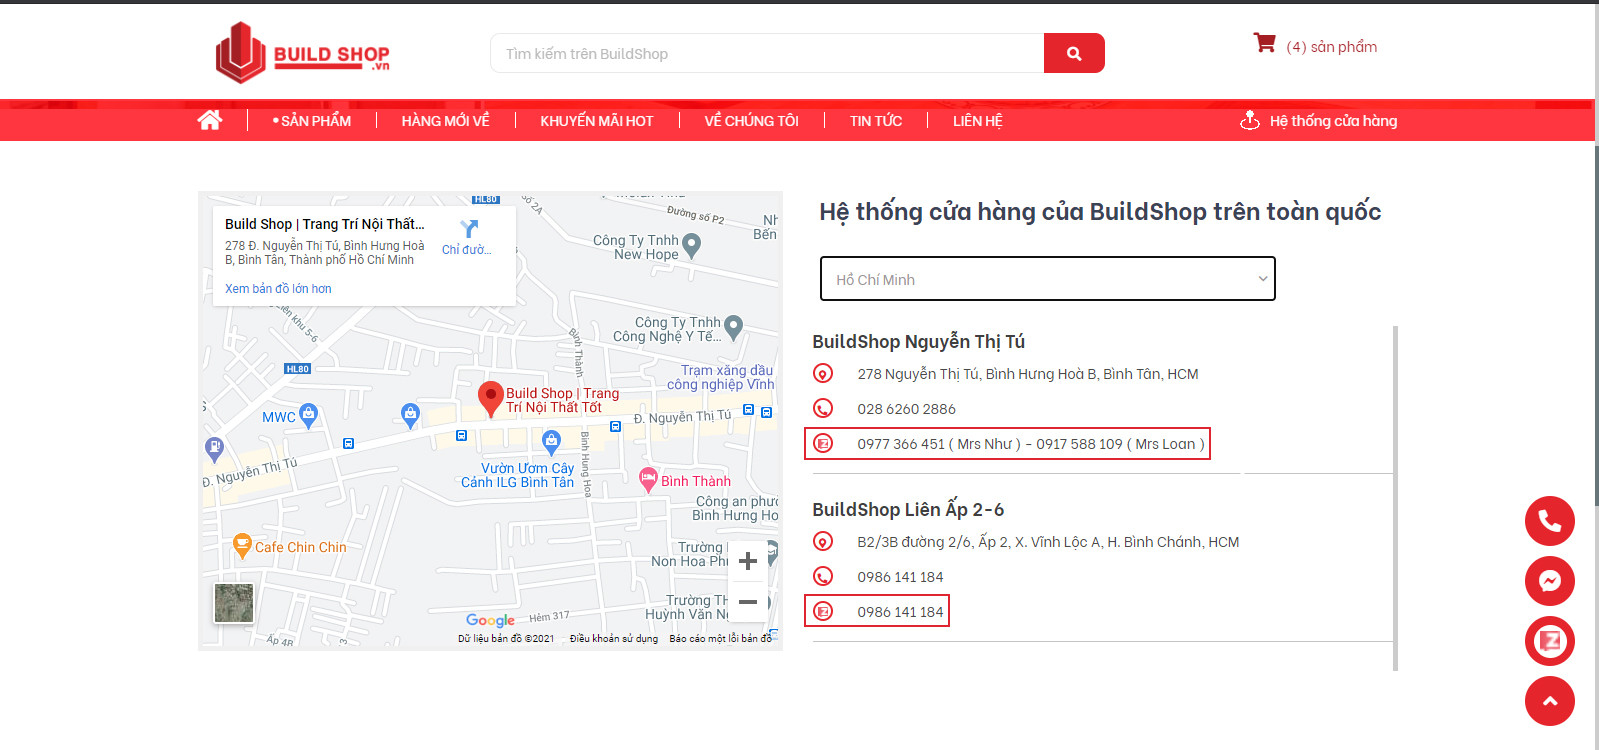 Zalo liên hệ build shop